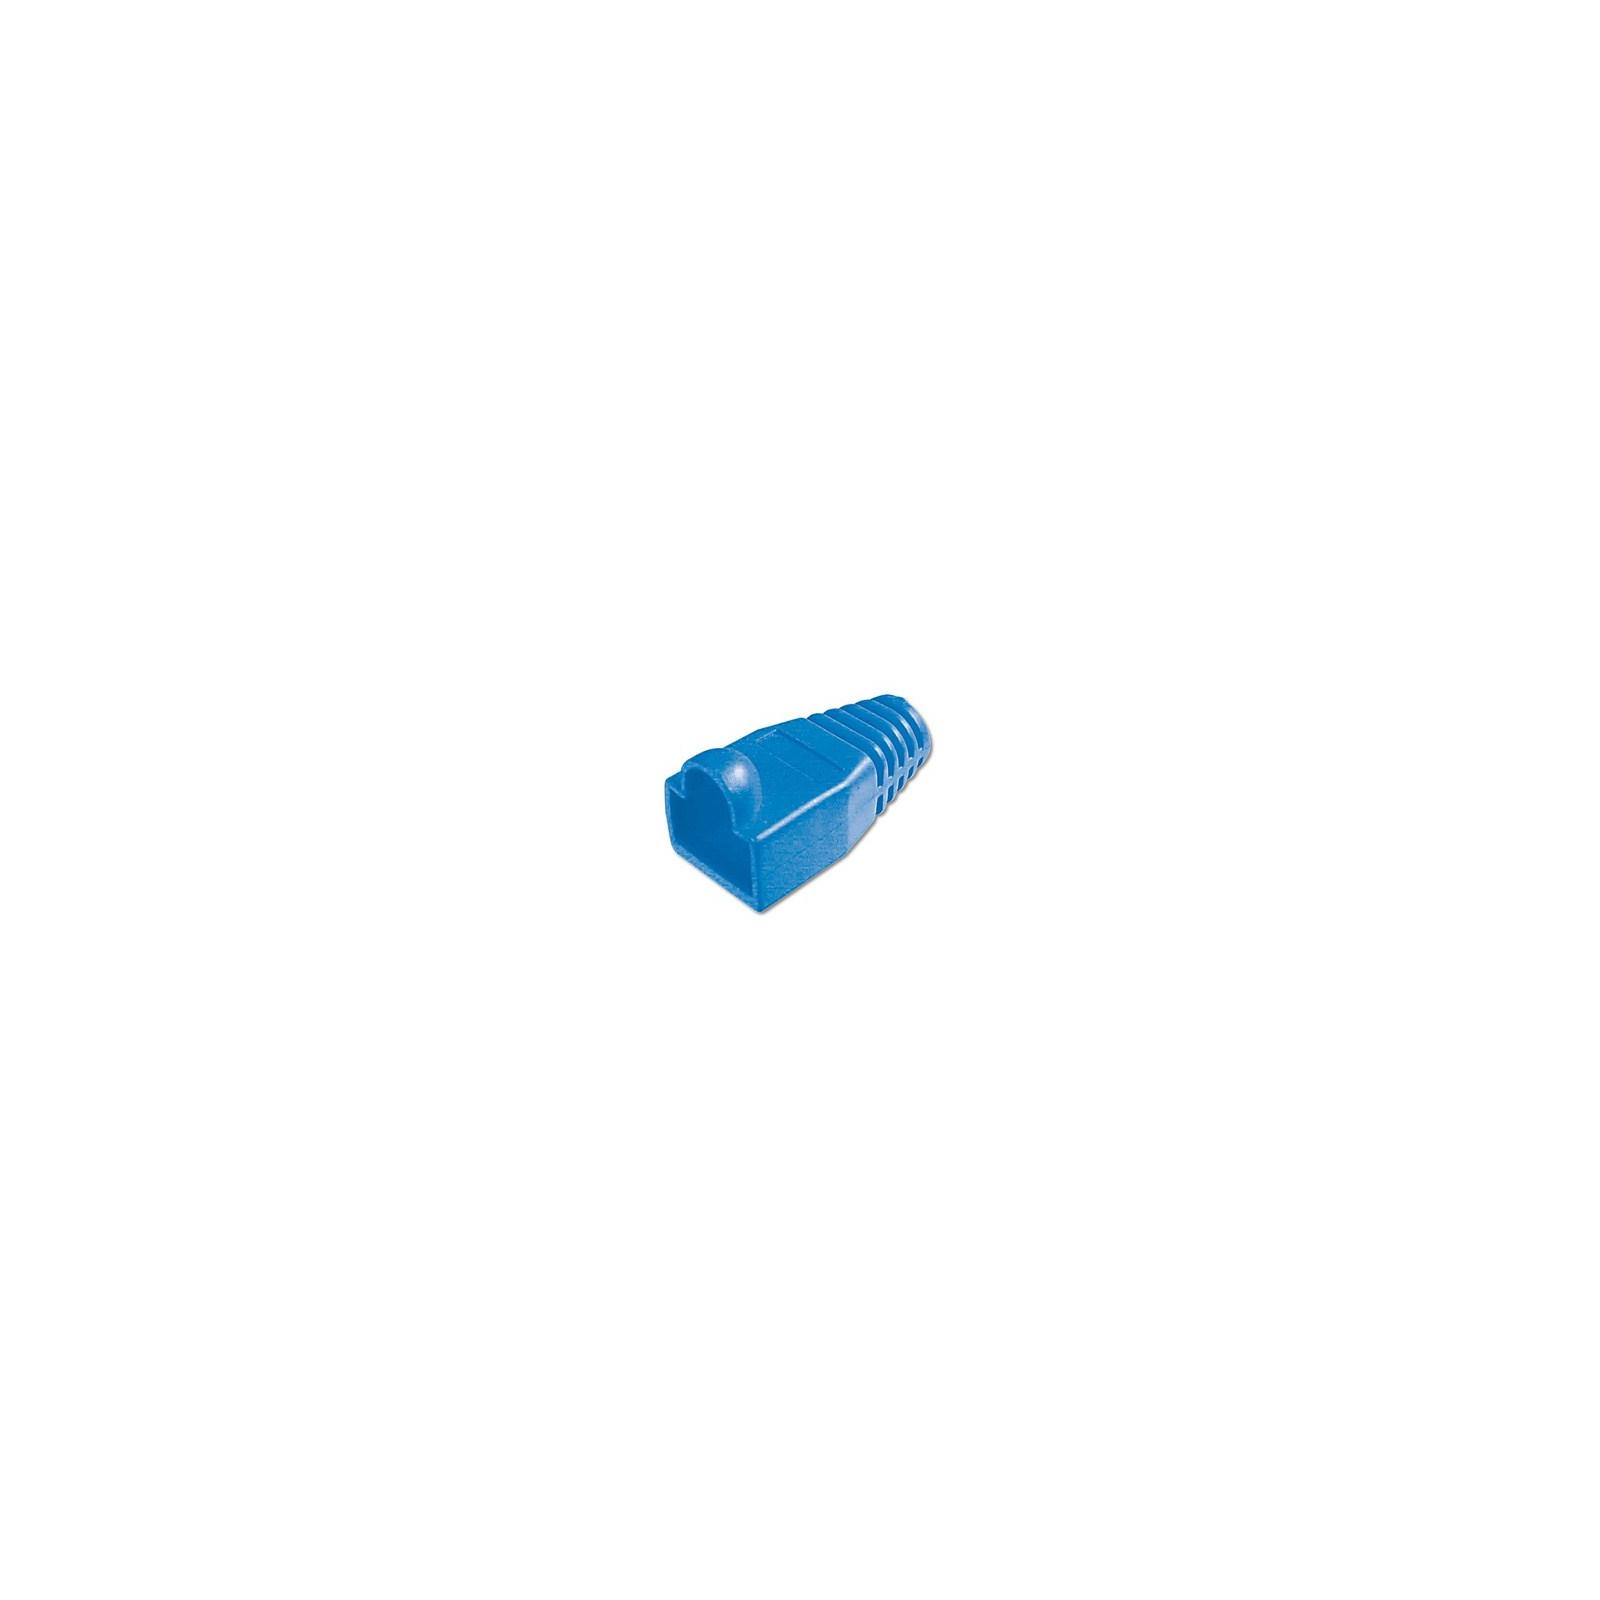 Колпачок коннектора для RJ45 синій 100 шт DIGITUS (A-MOT/B8/8)